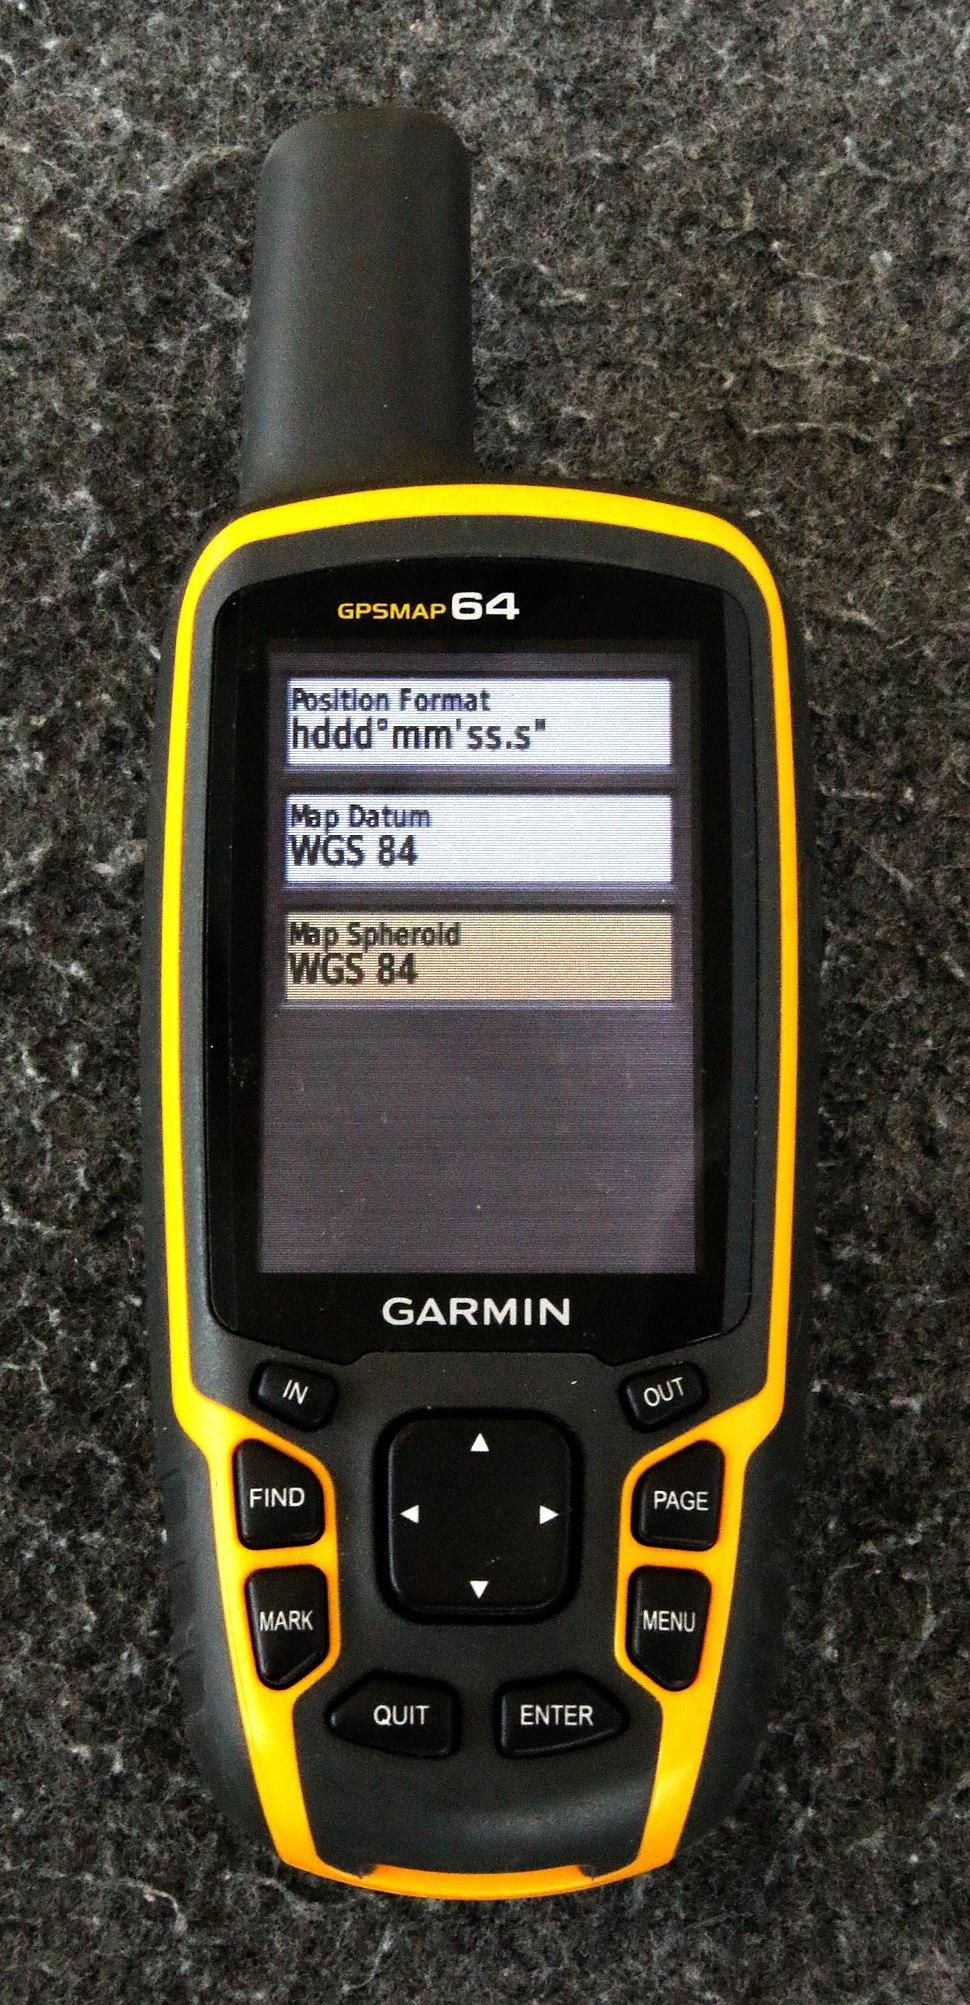 GPS, Einstellung des Formates der Koordinaten auf hddd mm ss